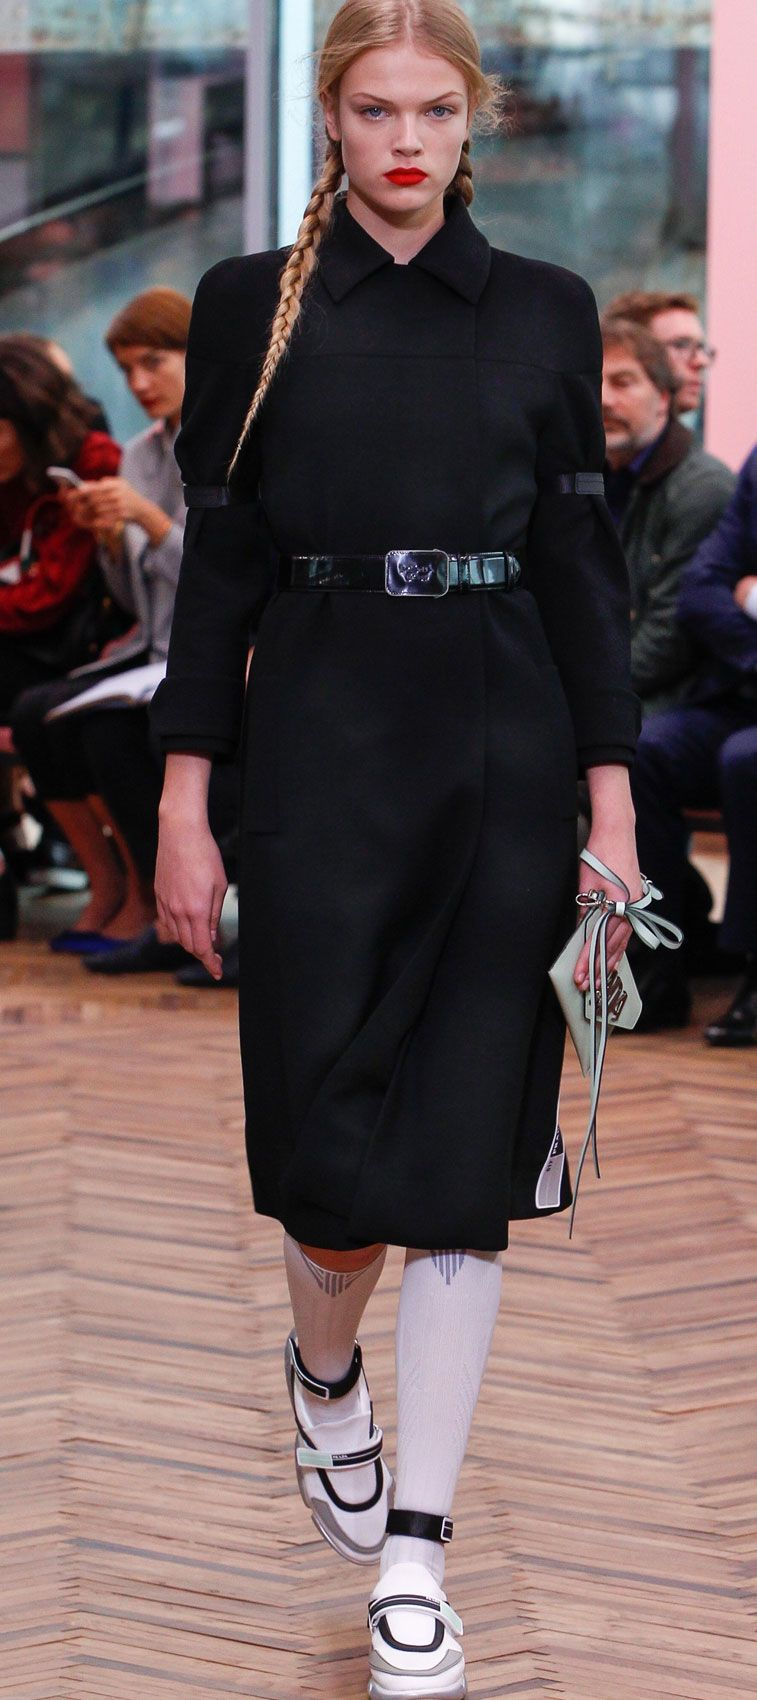 Prada Resort 2018 womenswear